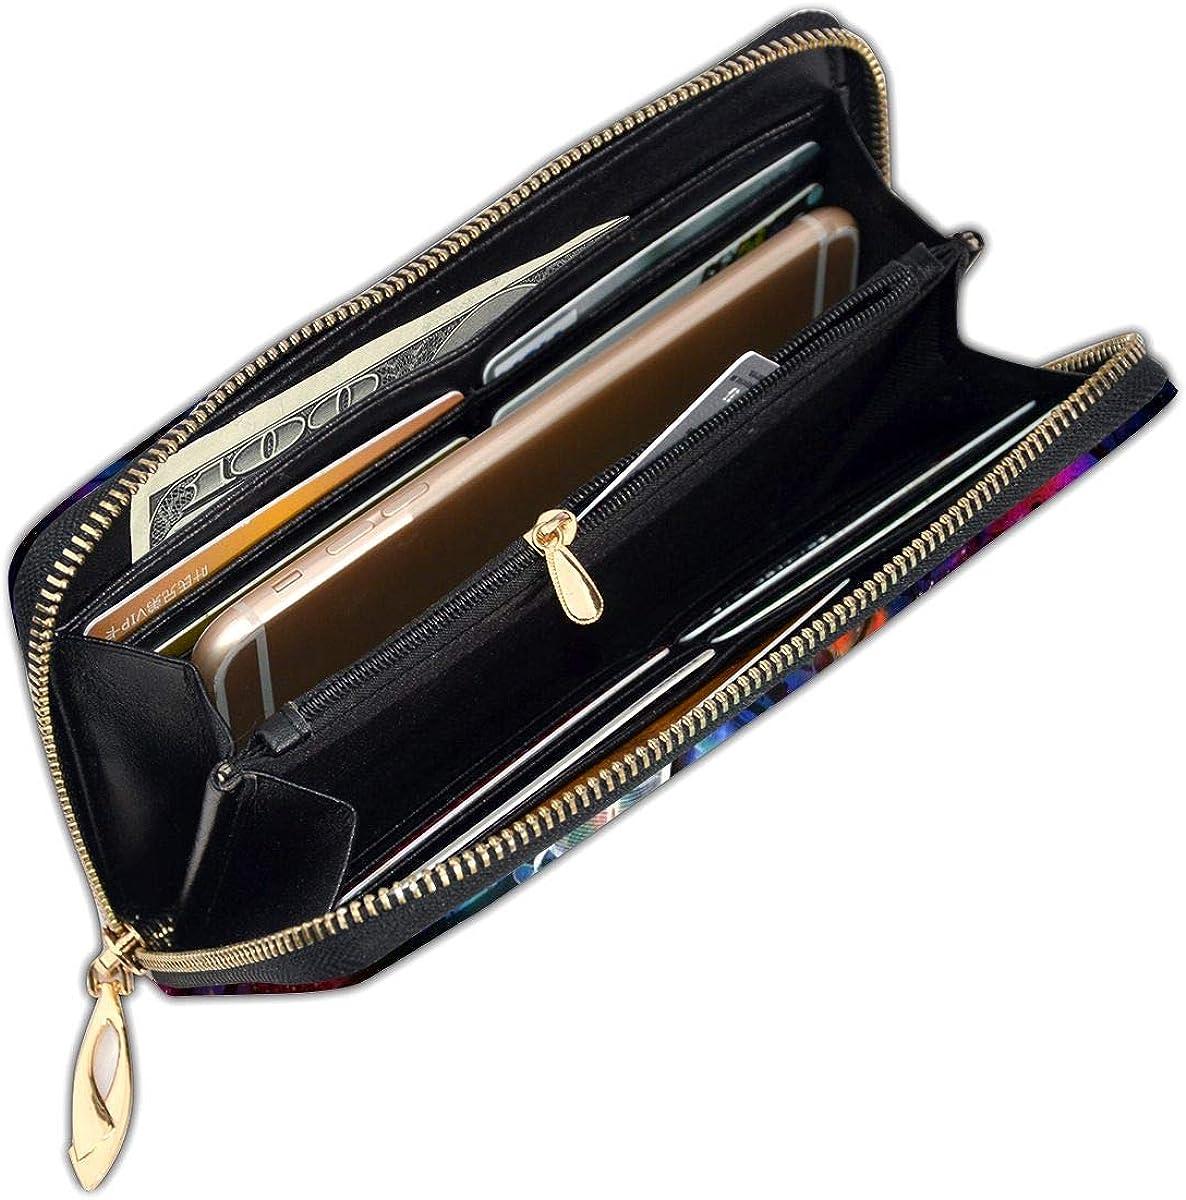 Women Genuine Leather Wallets Deer Moon Credit Card Holder Organizer Ladies Purse Zipper Around Clutch Cash Pocket